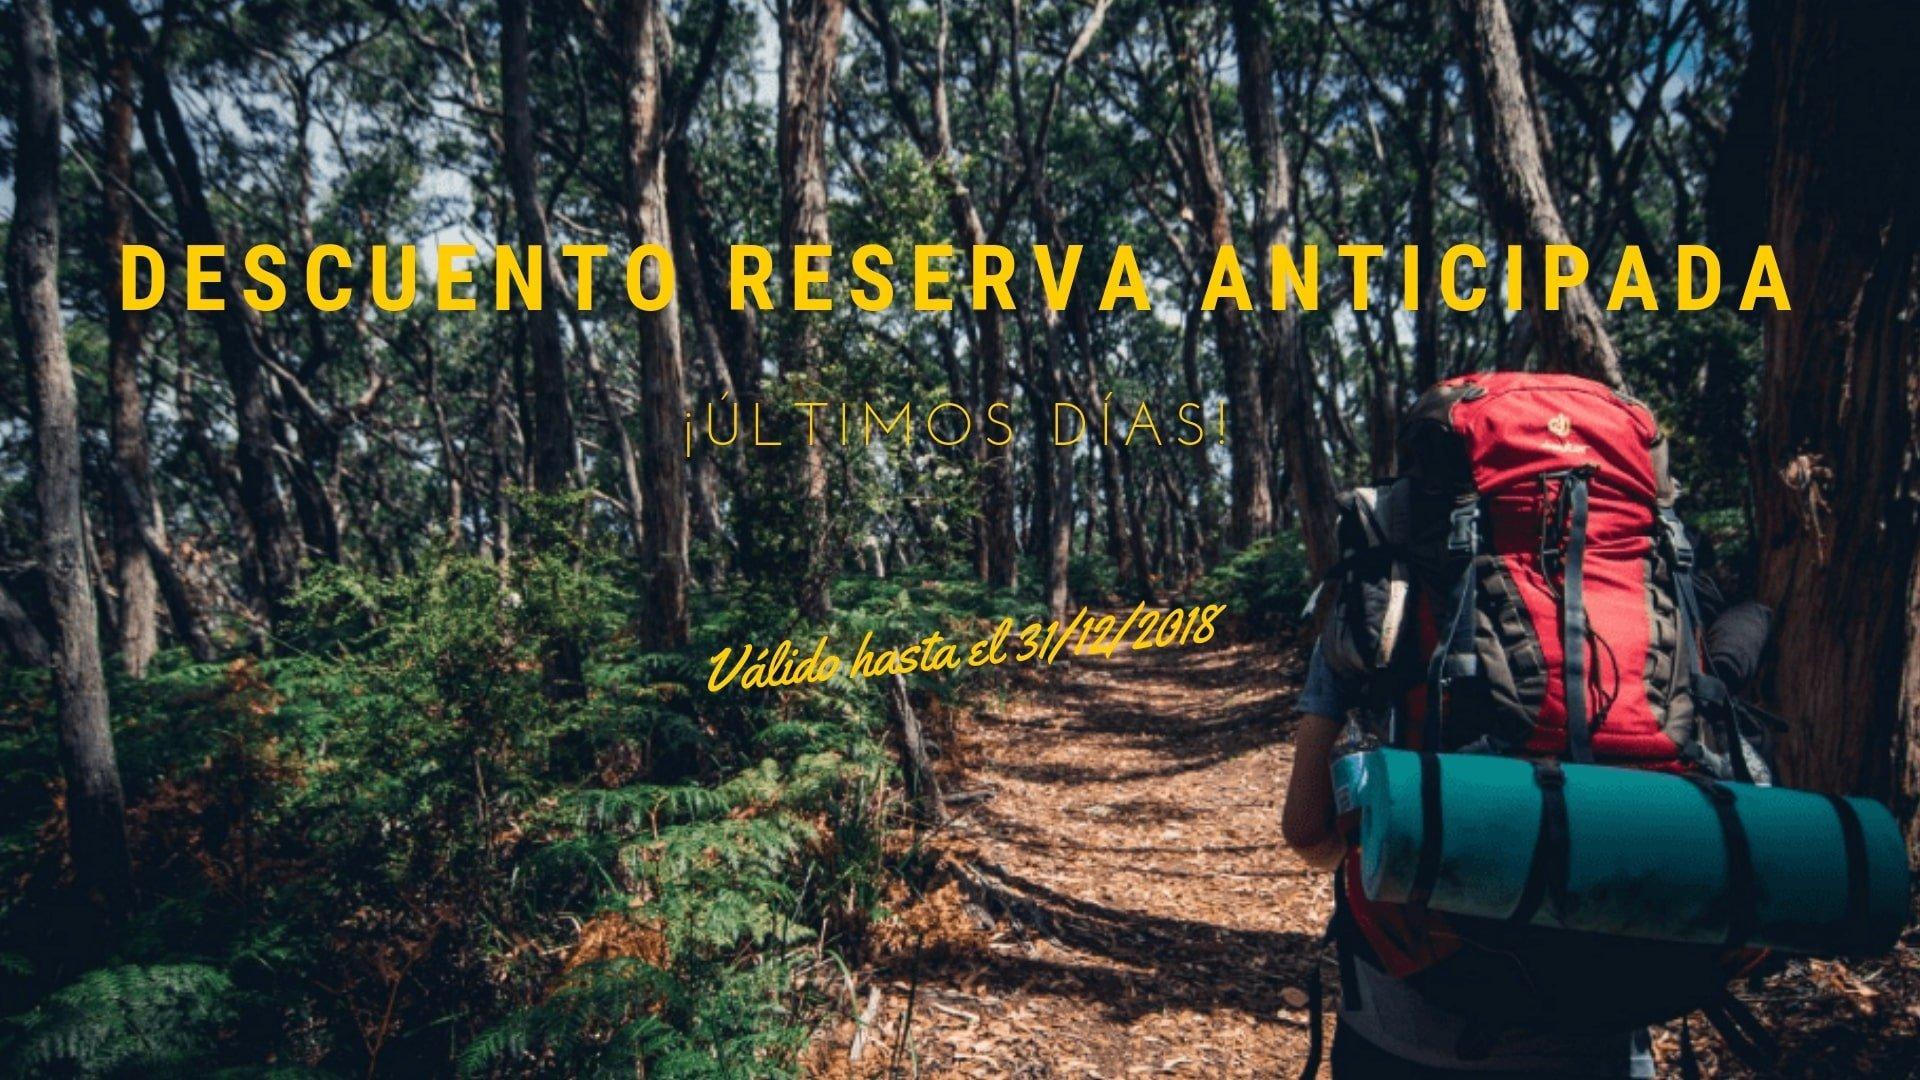 Camino de Santiago Descuento reserva anticipada Galiwonders